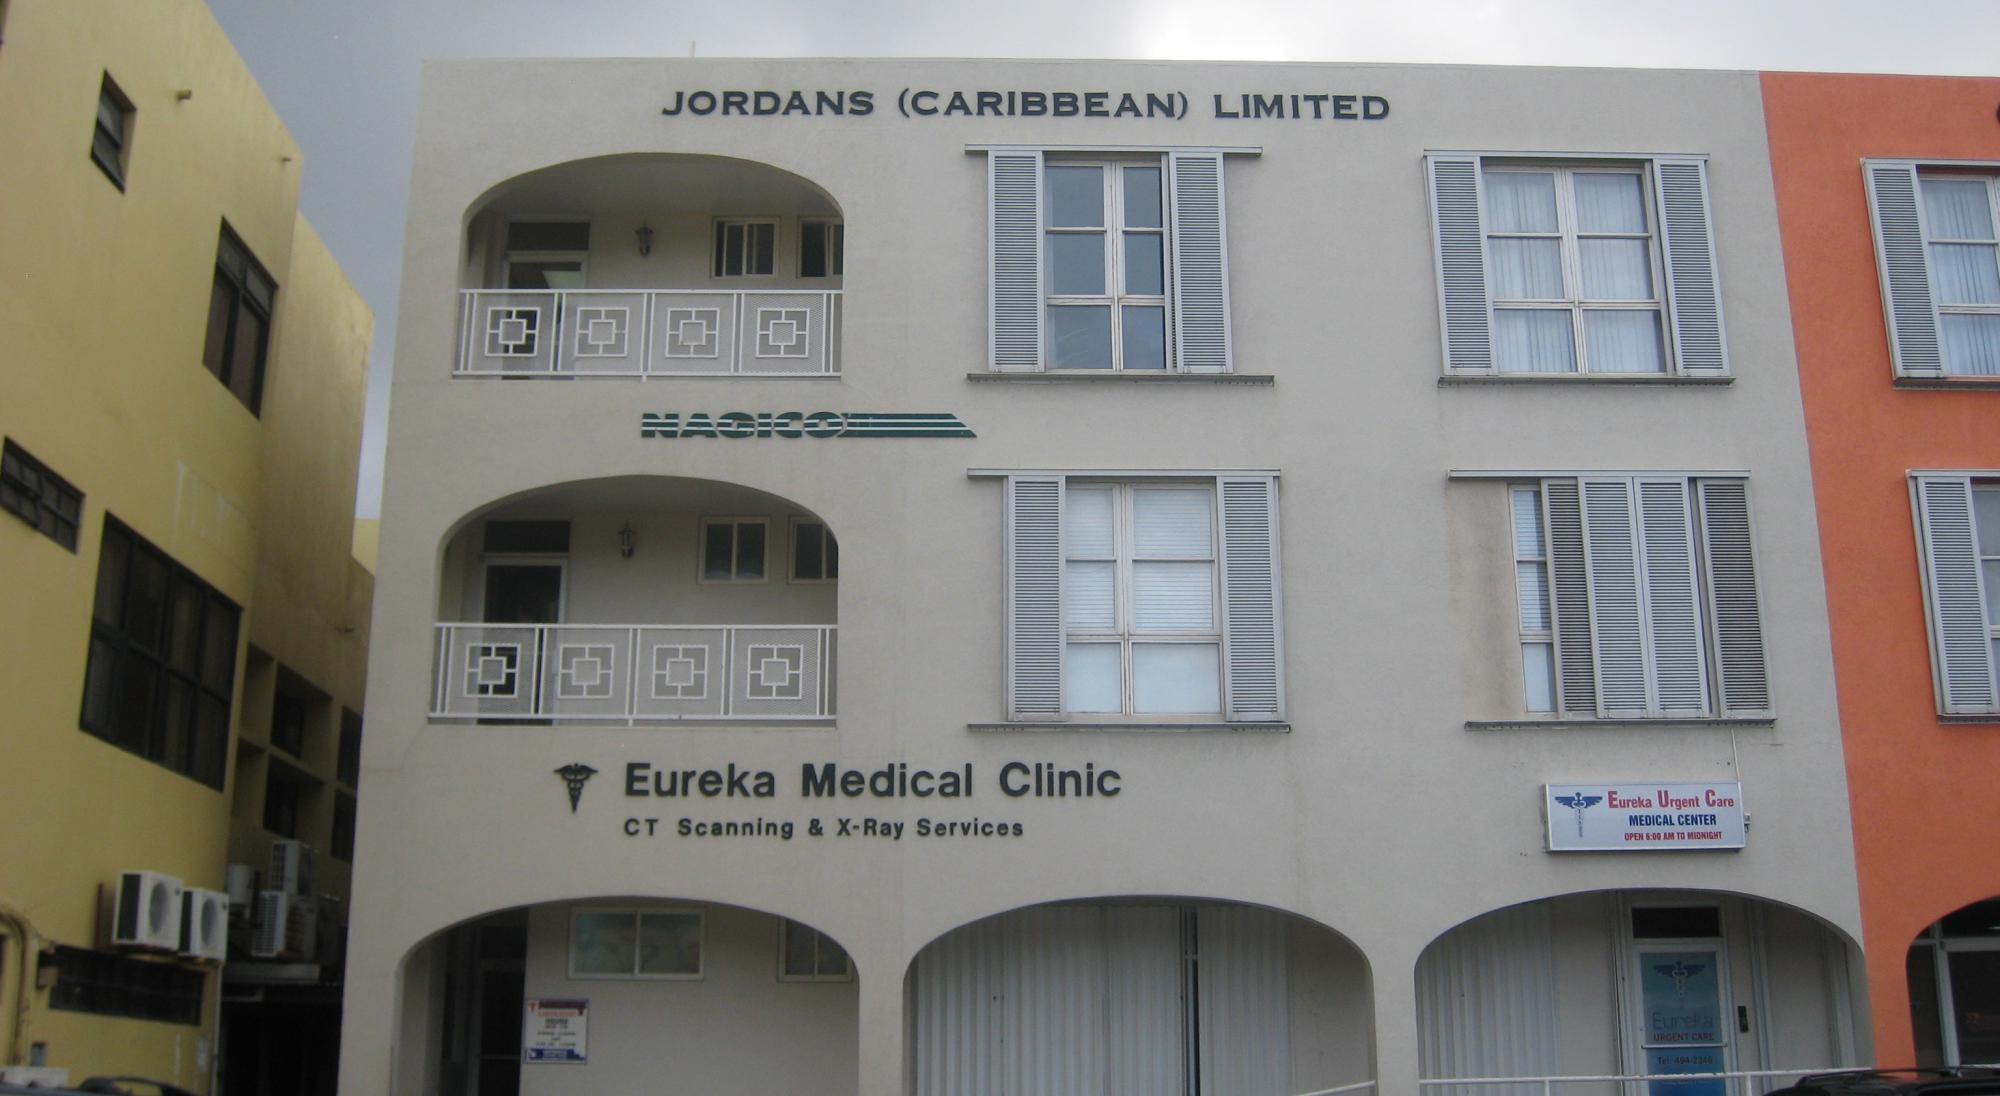 Офис компании Jordans, еще одного агента известного на постсоветском пространстве. Сейчас Jordance принадлежит компании VISTRA